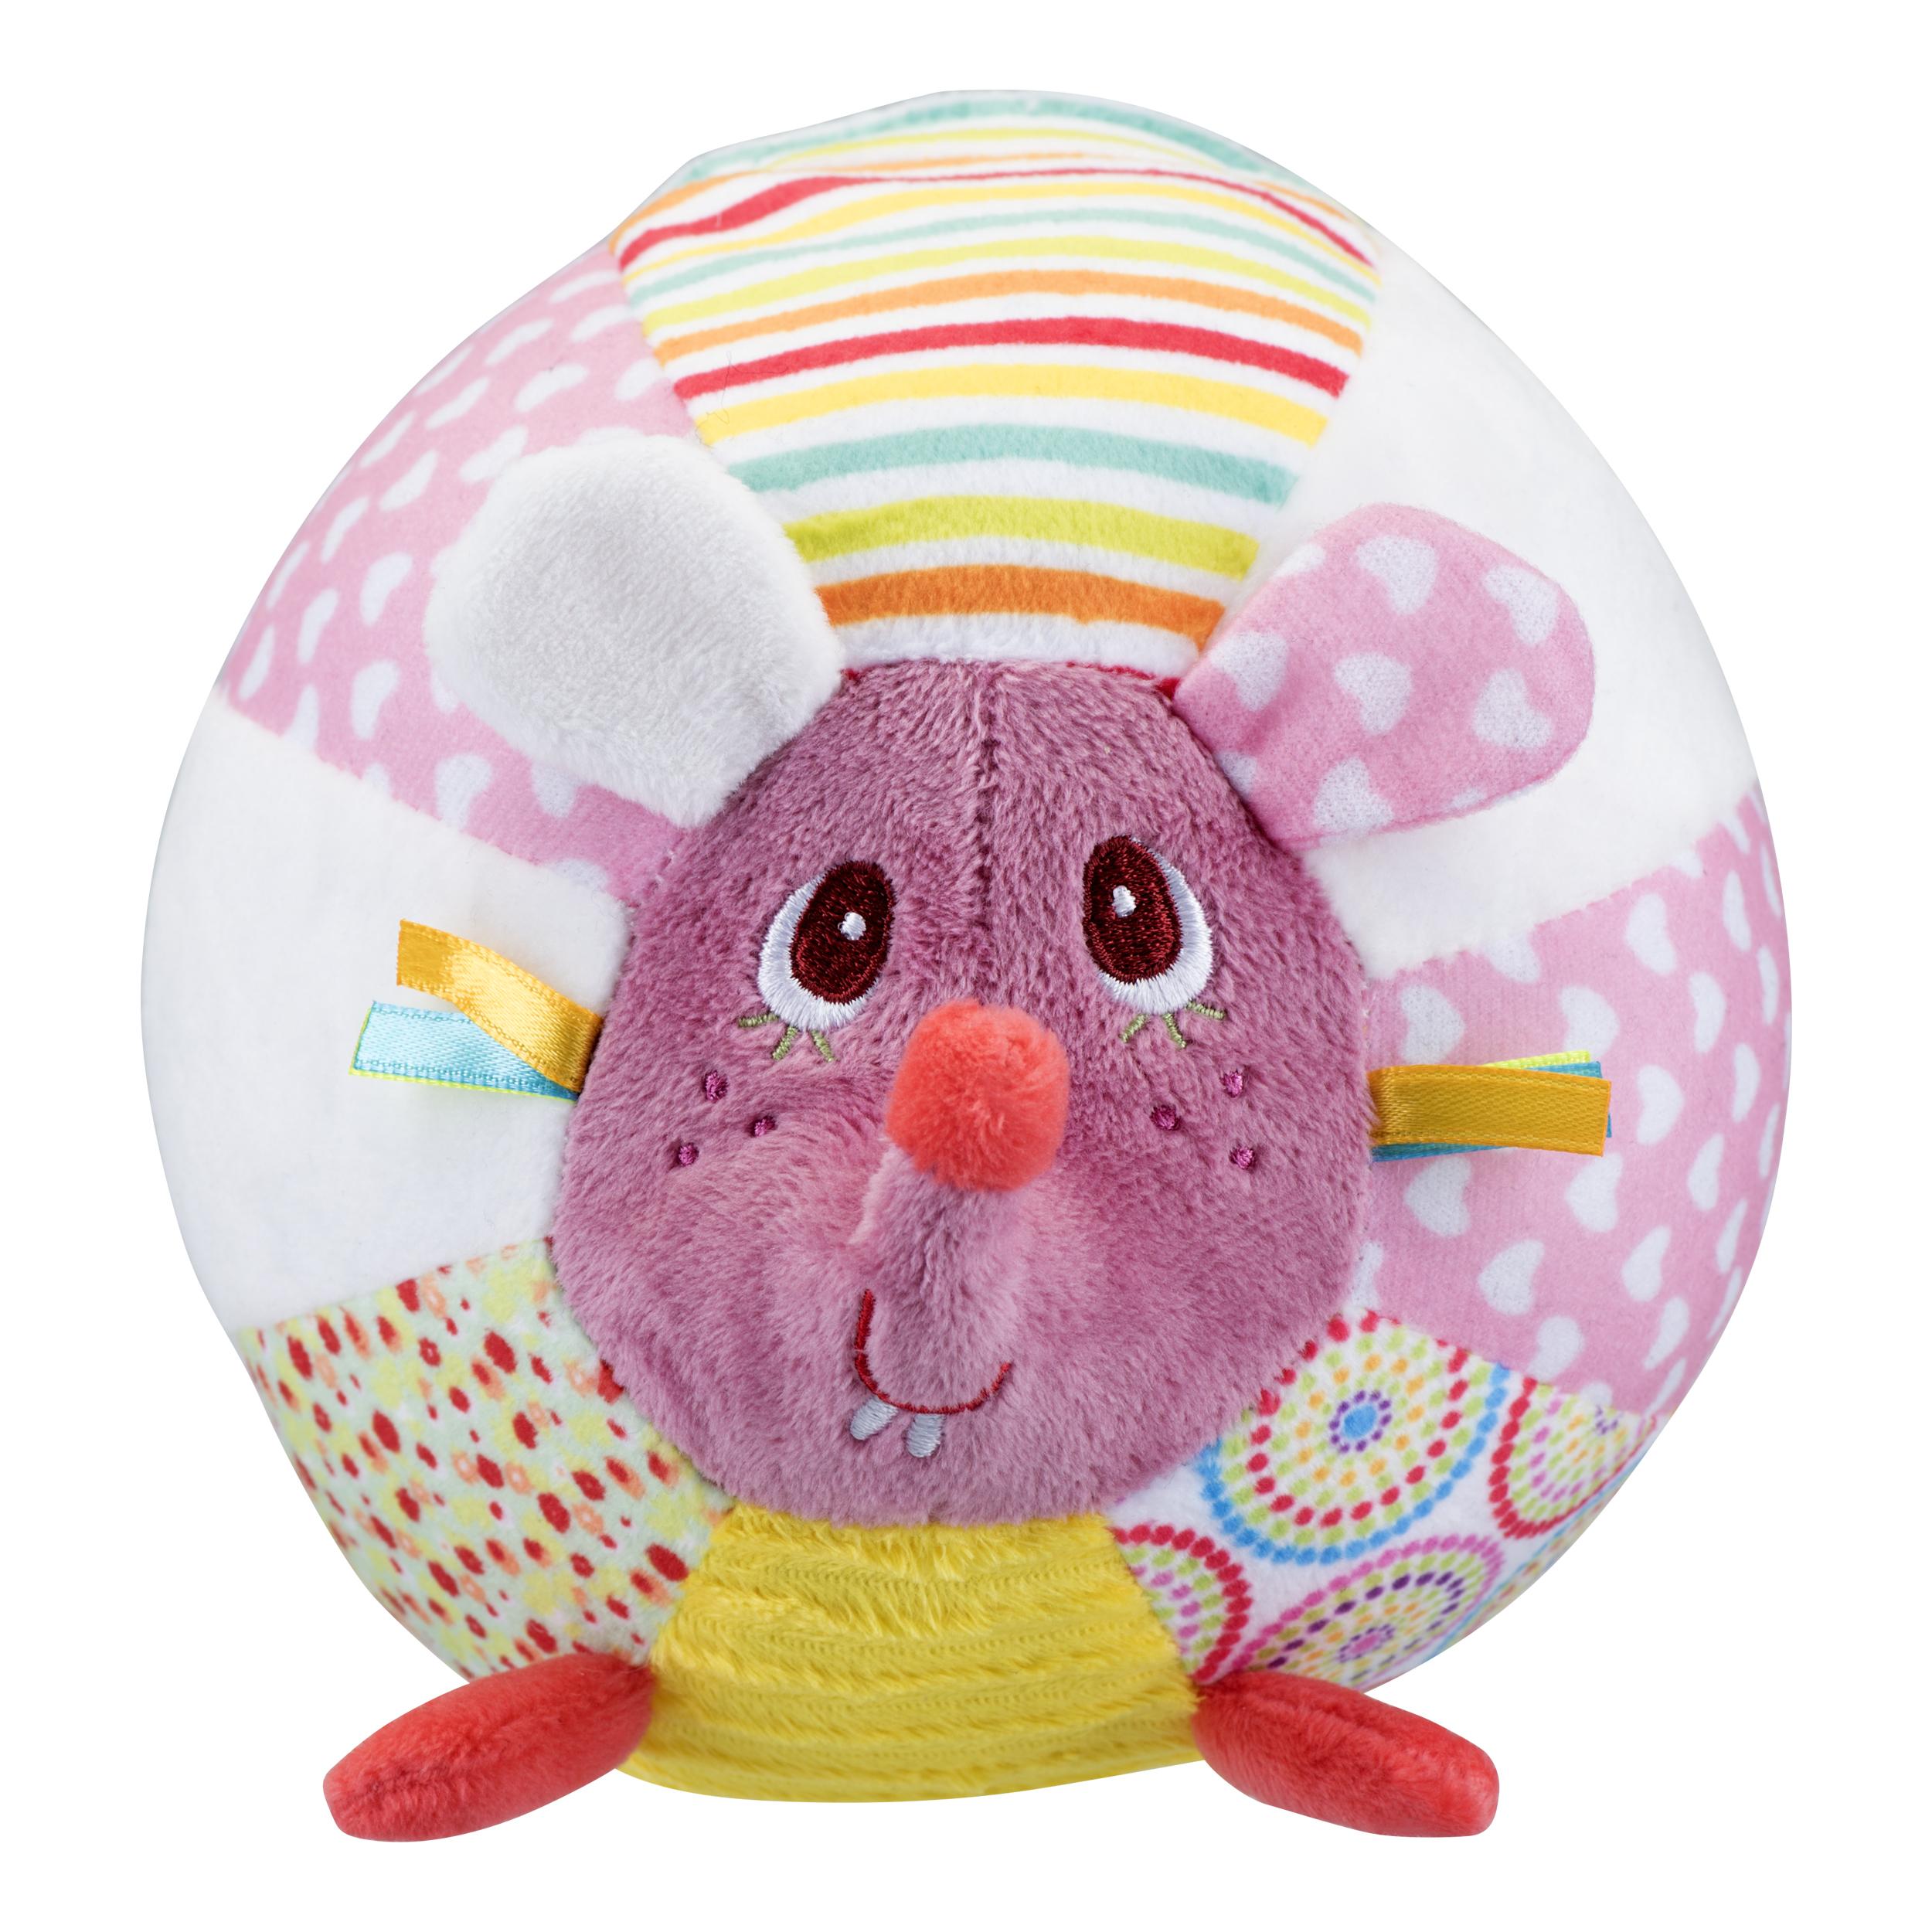 Музыкальные игрушки Мир детства Развивающая игрушка Мир детства «Мышка Круглишка» музыкальная цены онлайн